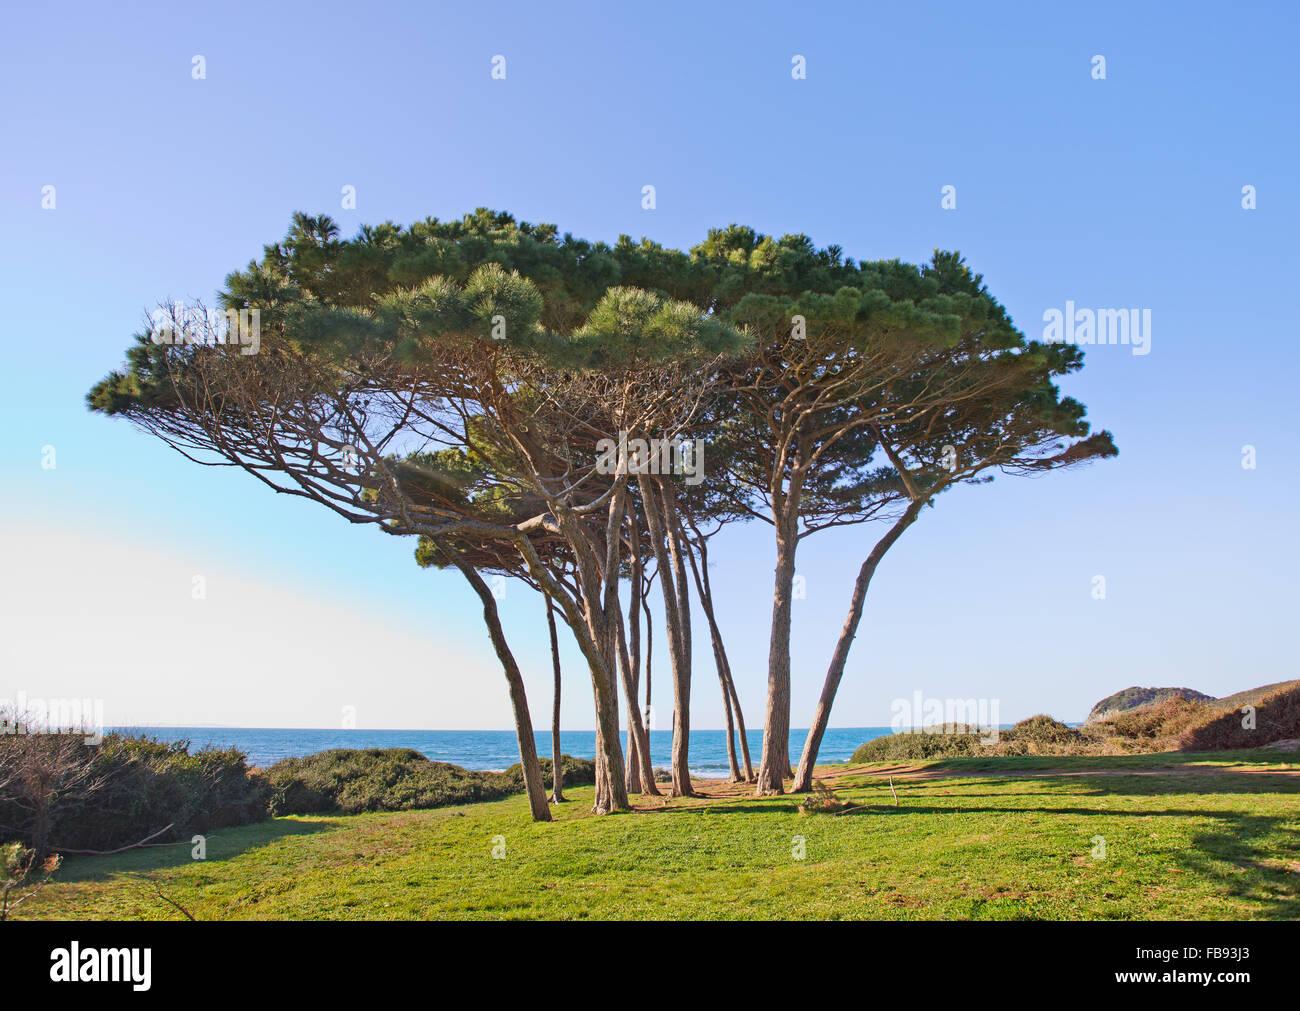 Maritime Pine tree group near sea and beach. Baratti Piombino, Tuscany, Italy. - Stock Image